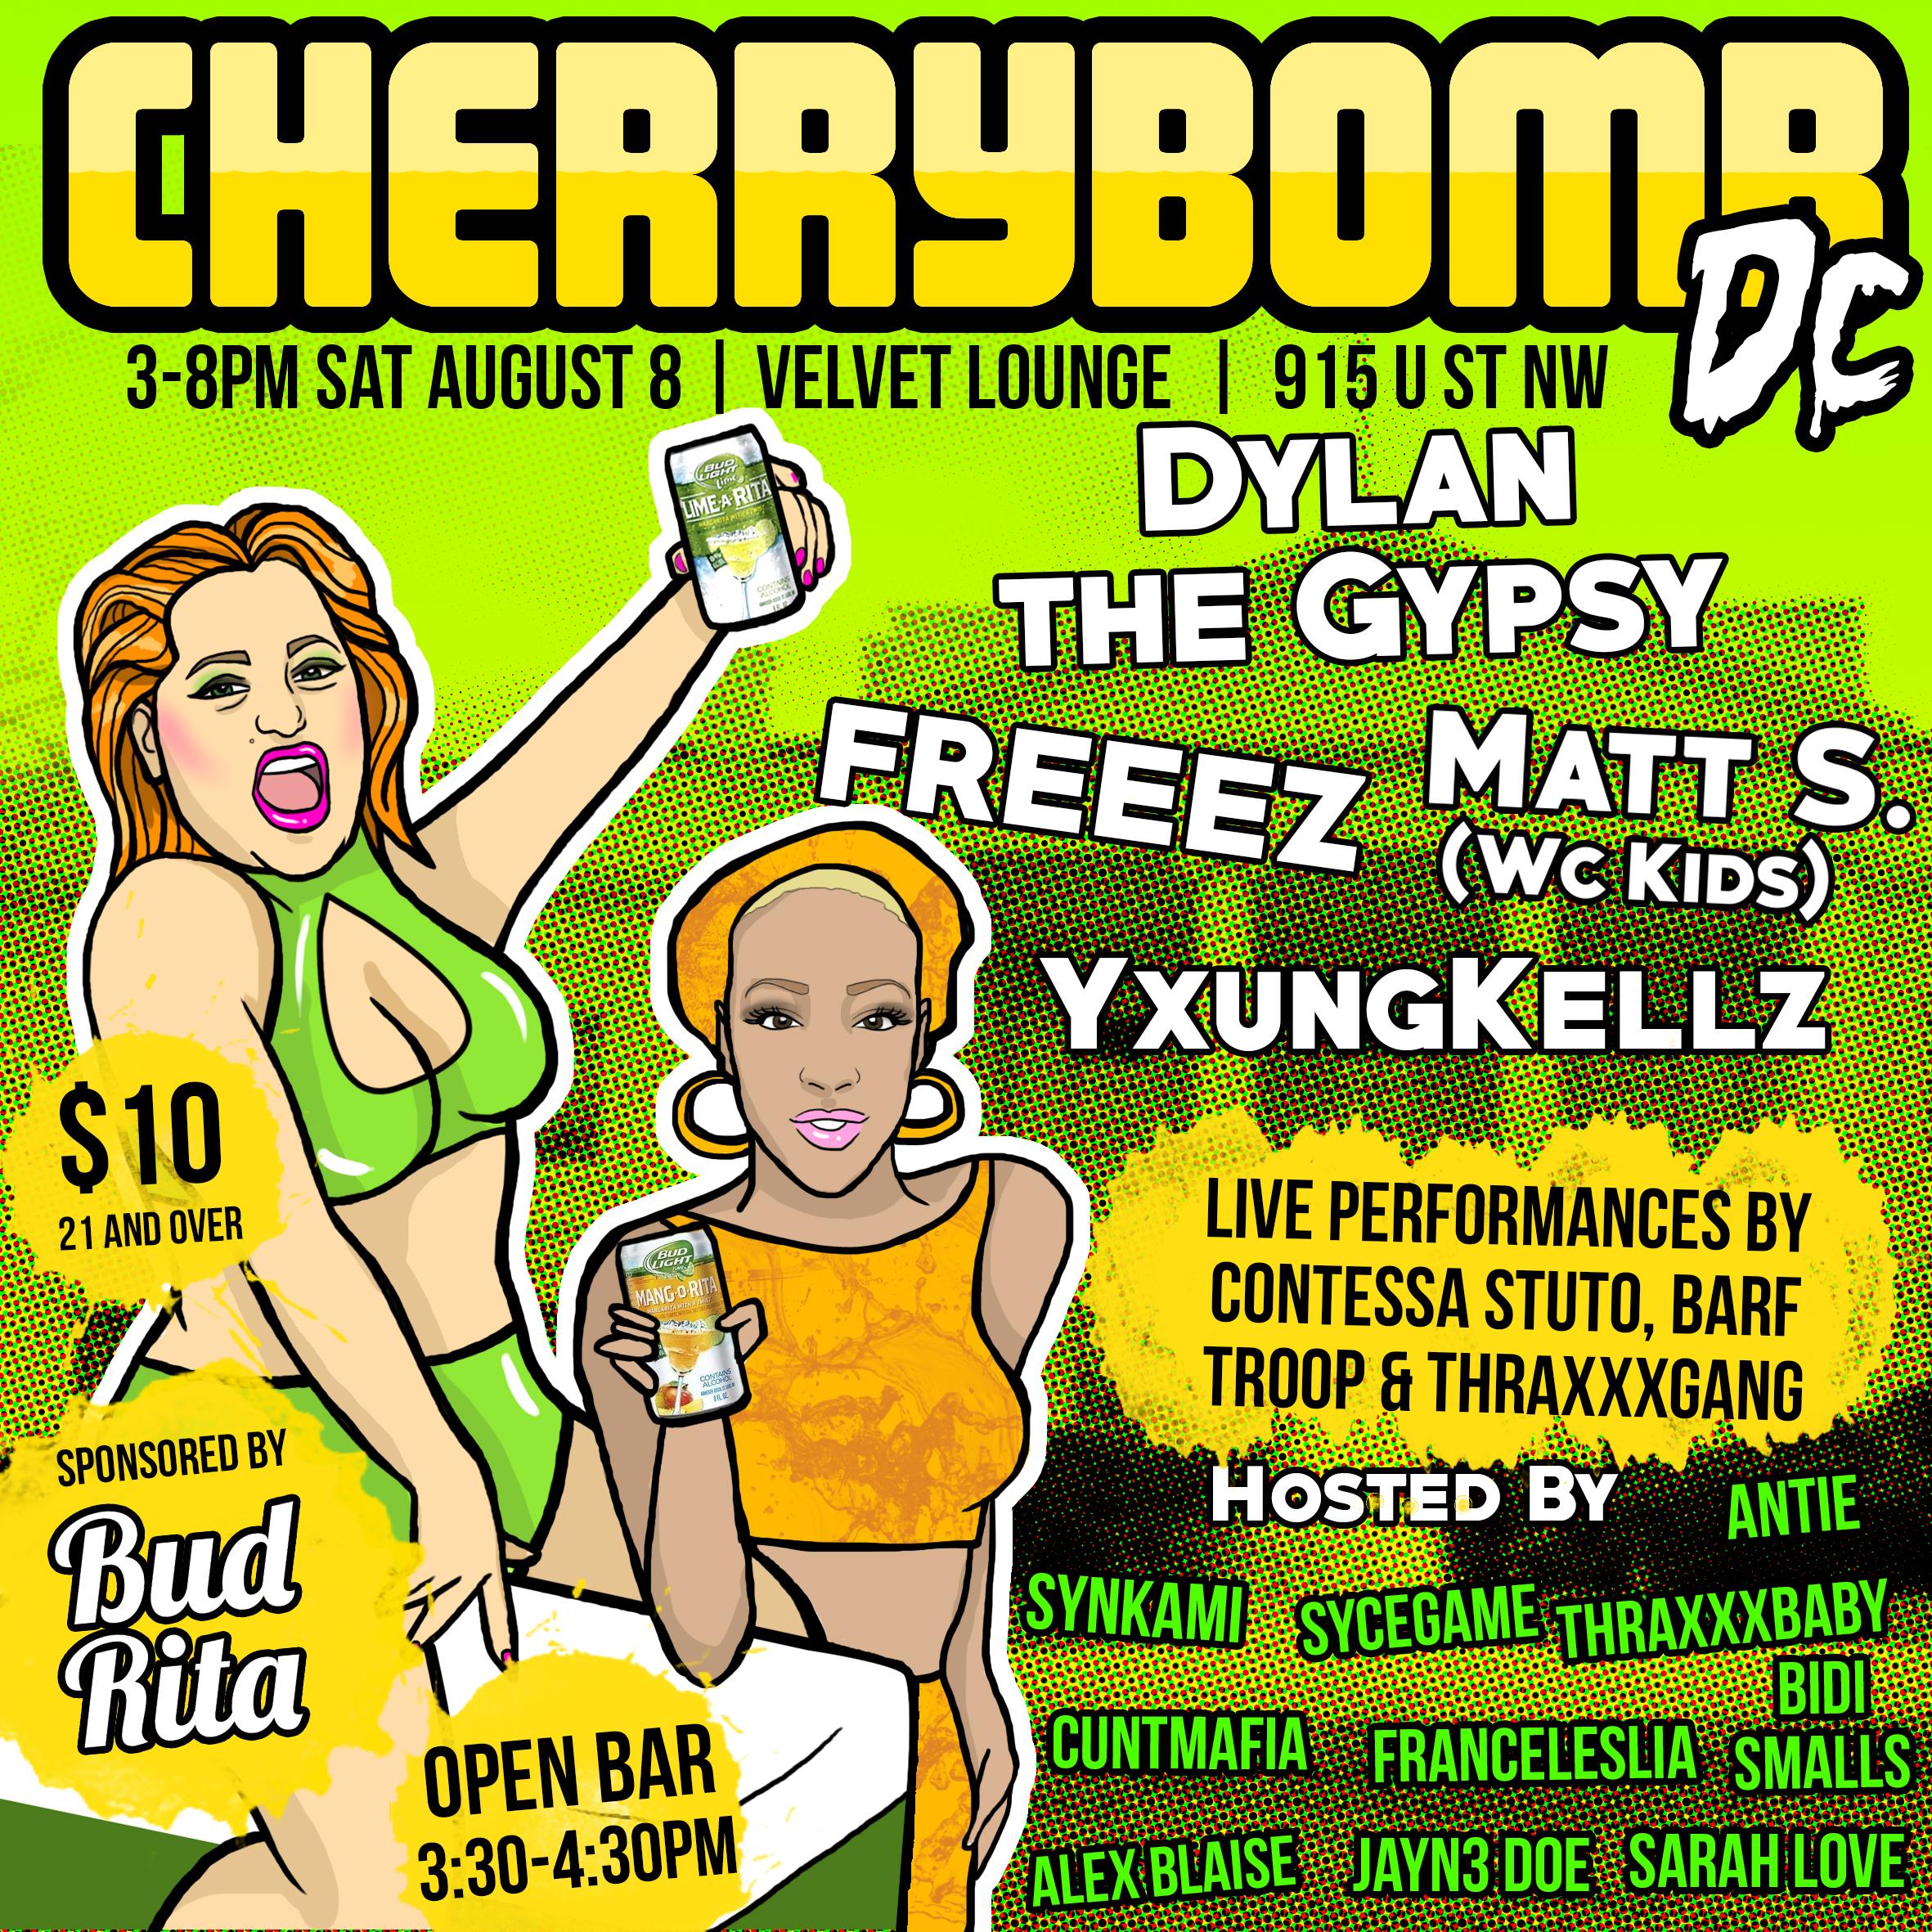 #CHERRYBOMB DC 08-08-15